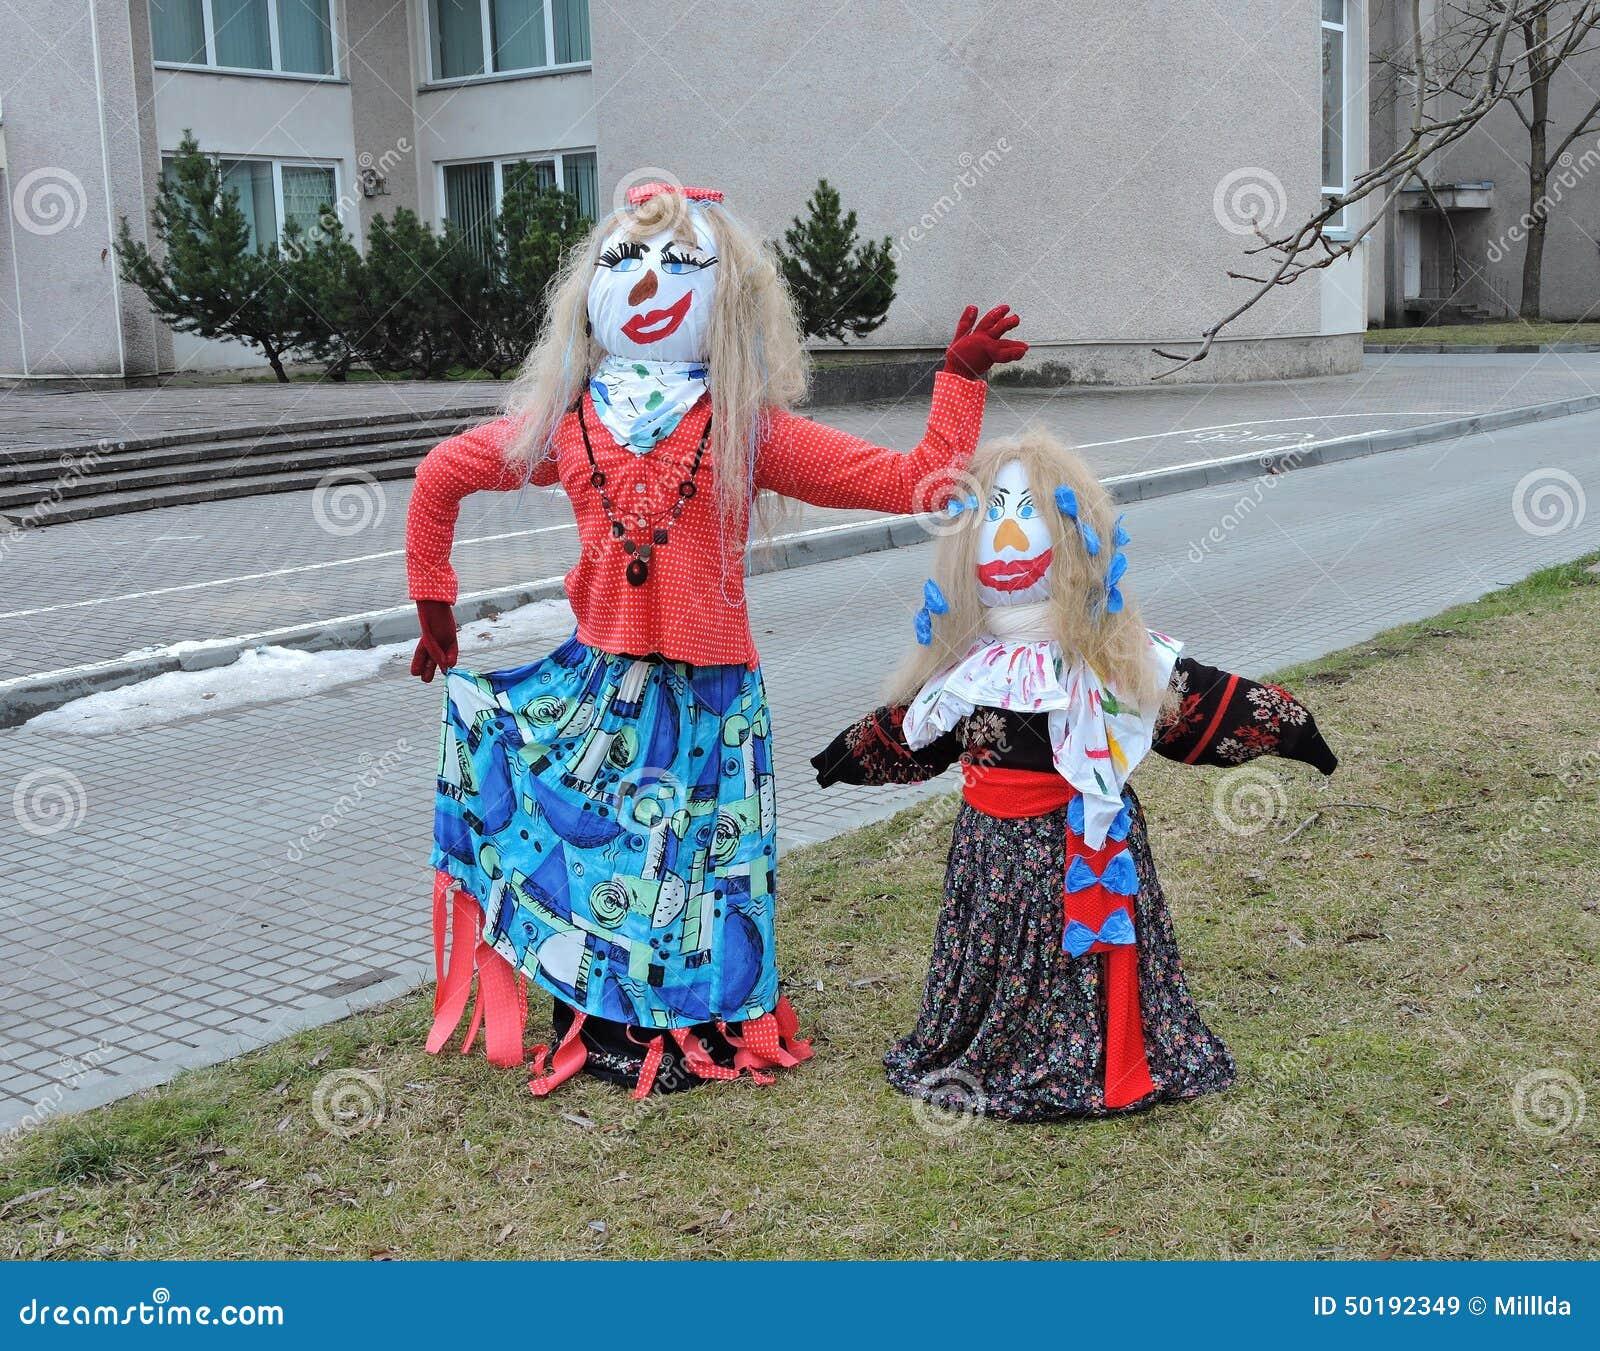 Mardi Gras woman mask